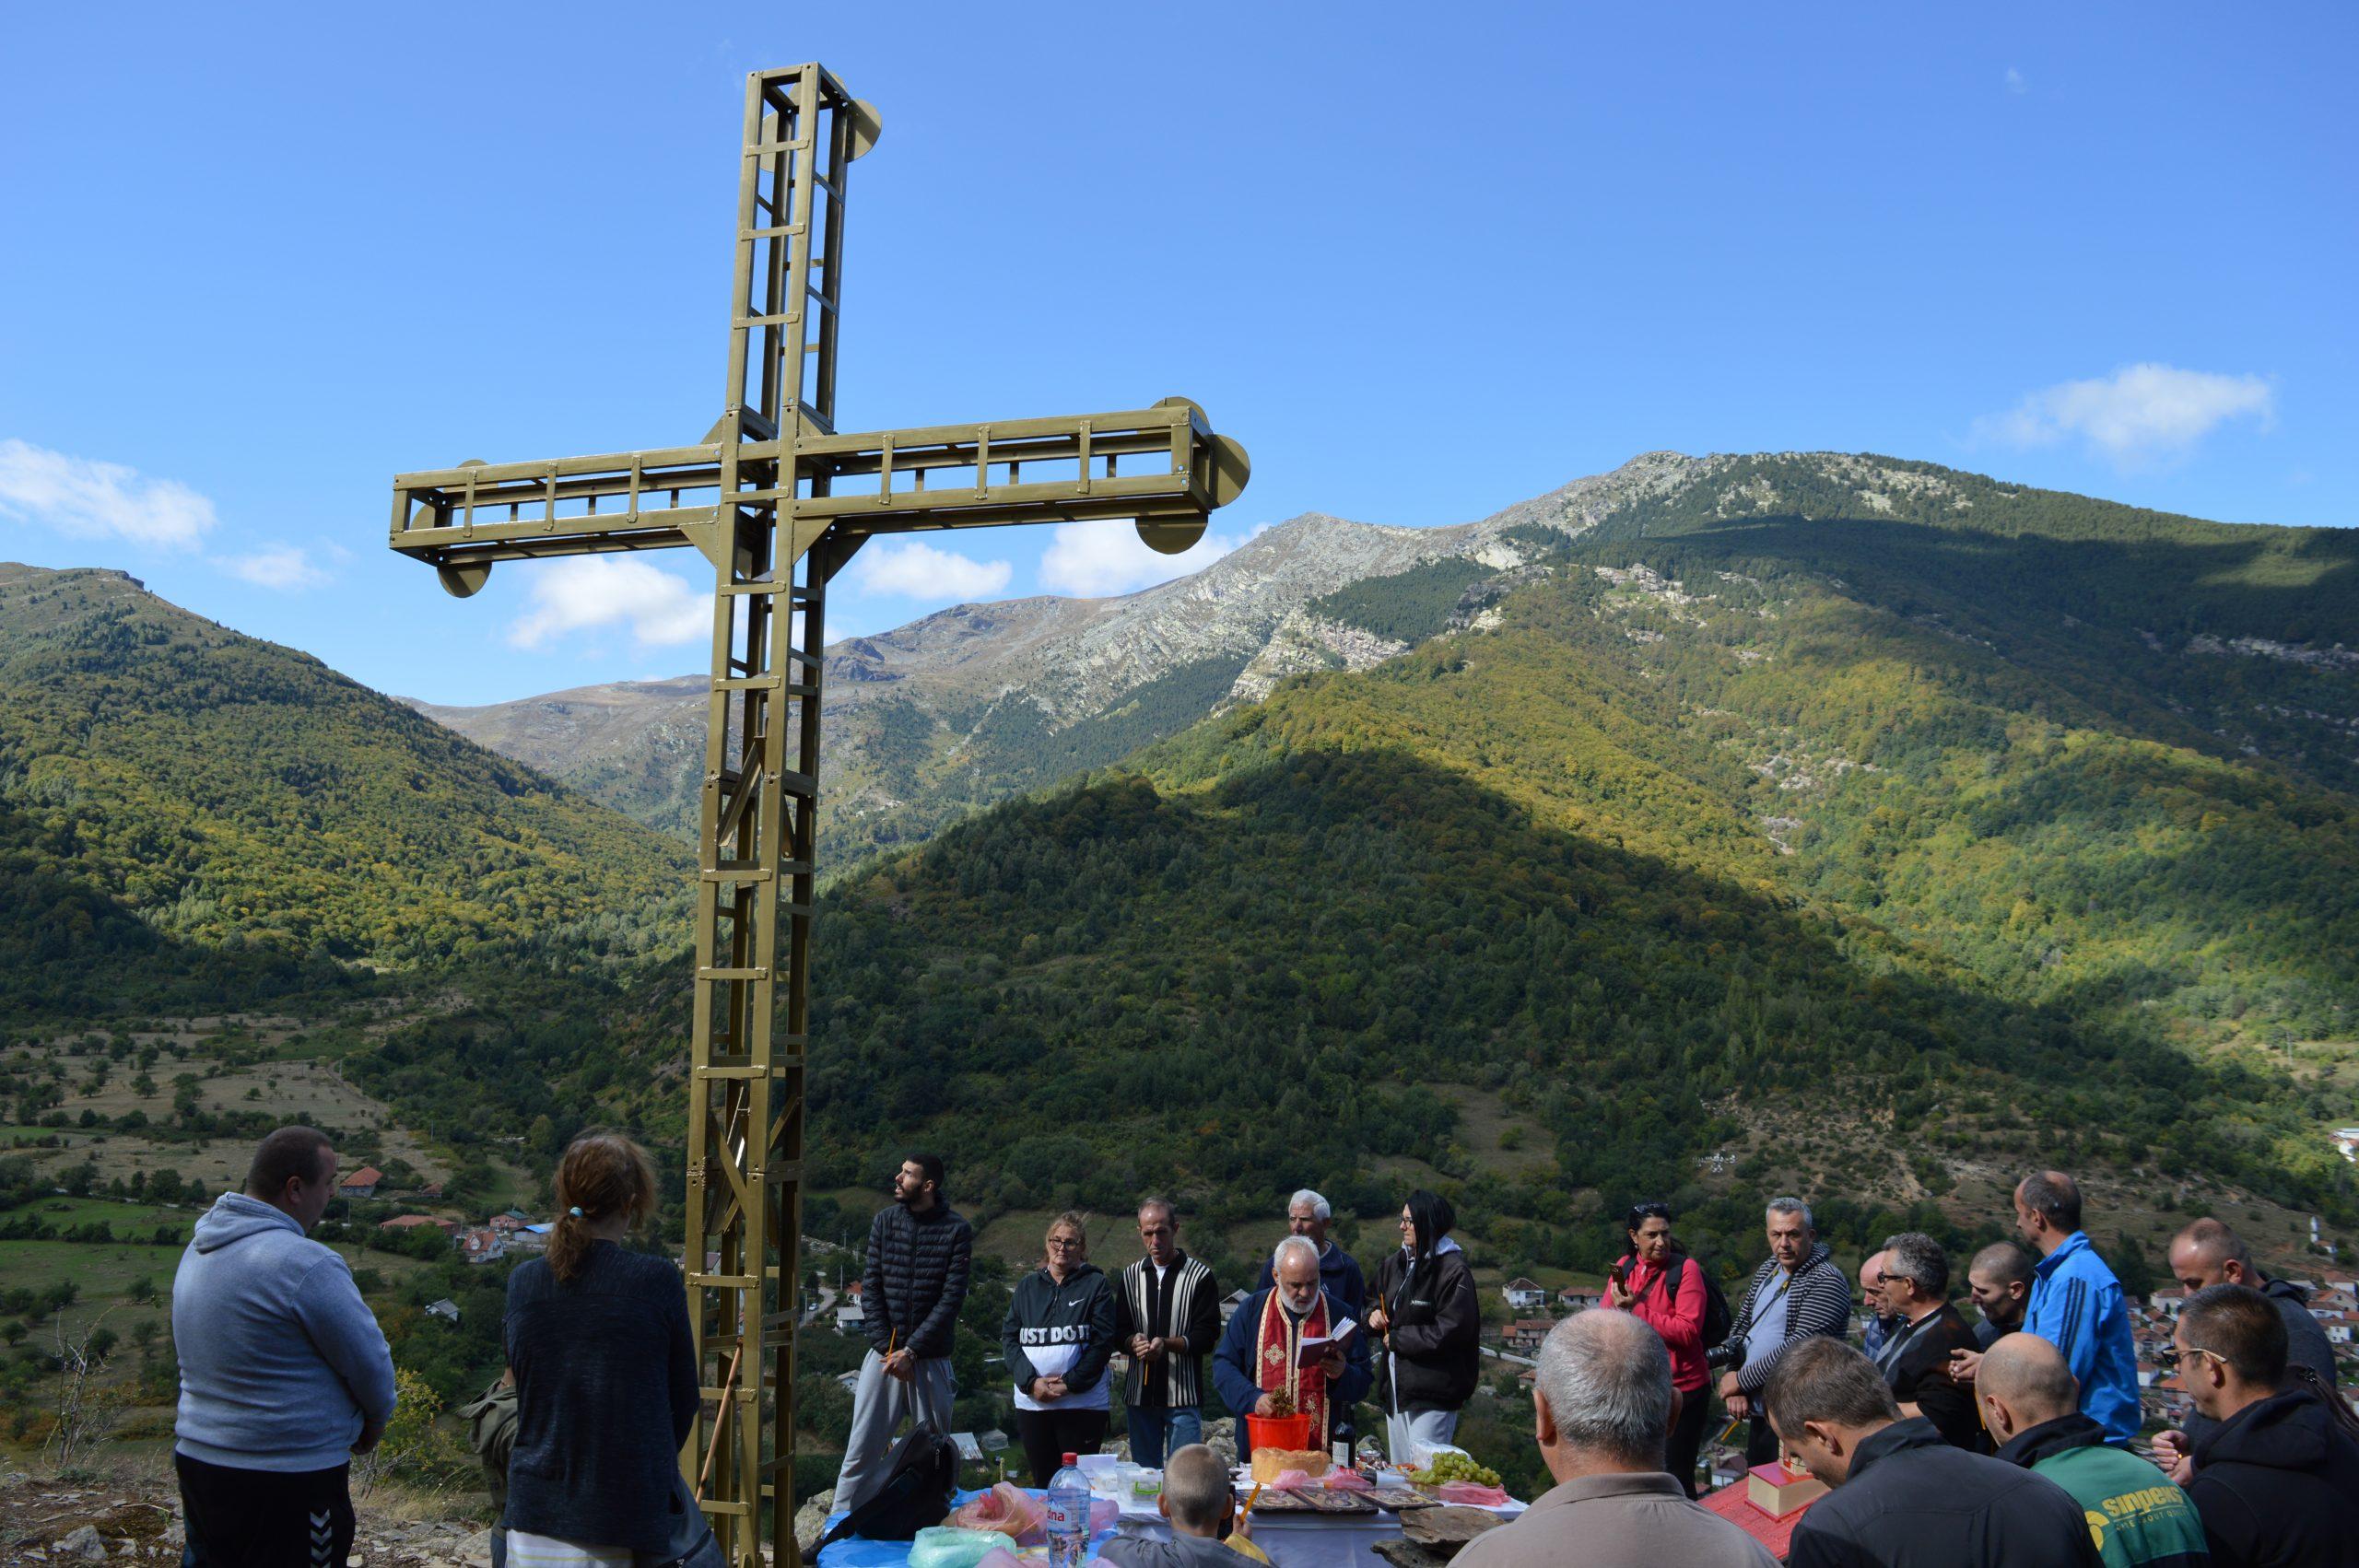 По повод големиот празник Крстовден, денес Светиот Крст е поставен и над с.Ниже Поле во подножјето на Бабин Заб